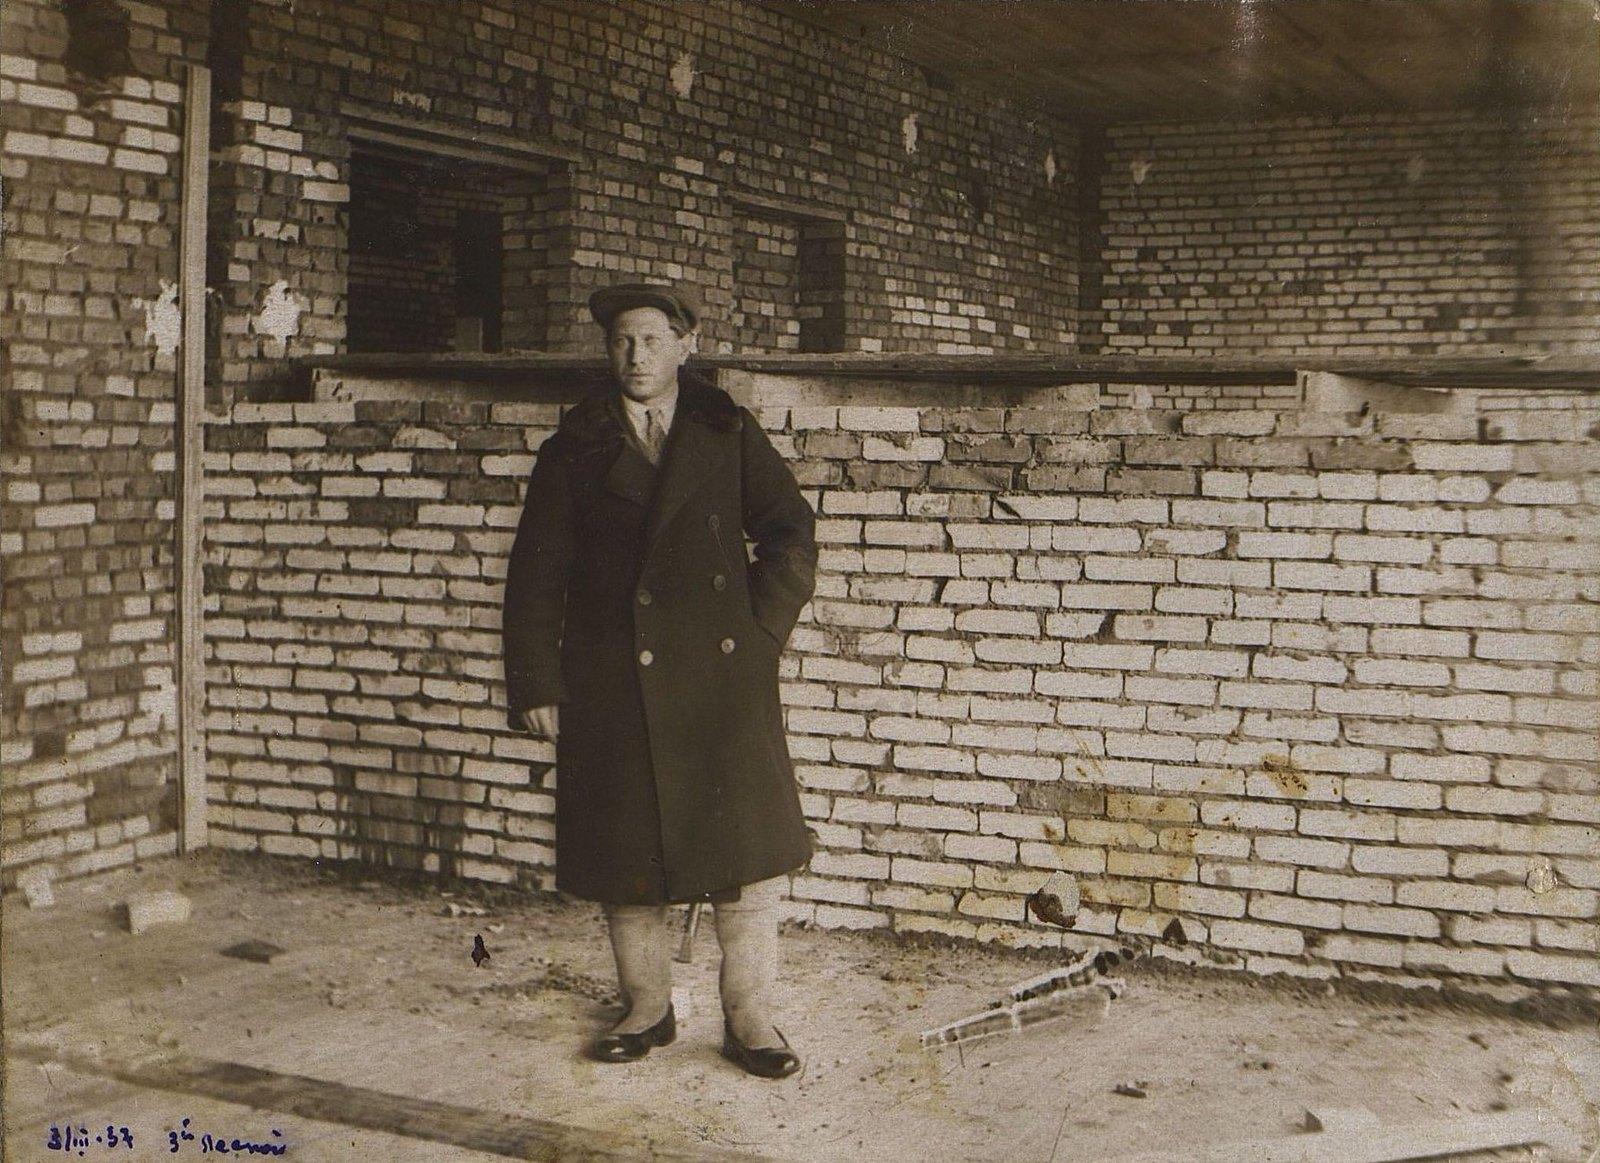 19. 1937. Тимофеев, заместитель начальника строительства школы на 3-й Лесной улице. 3 марта